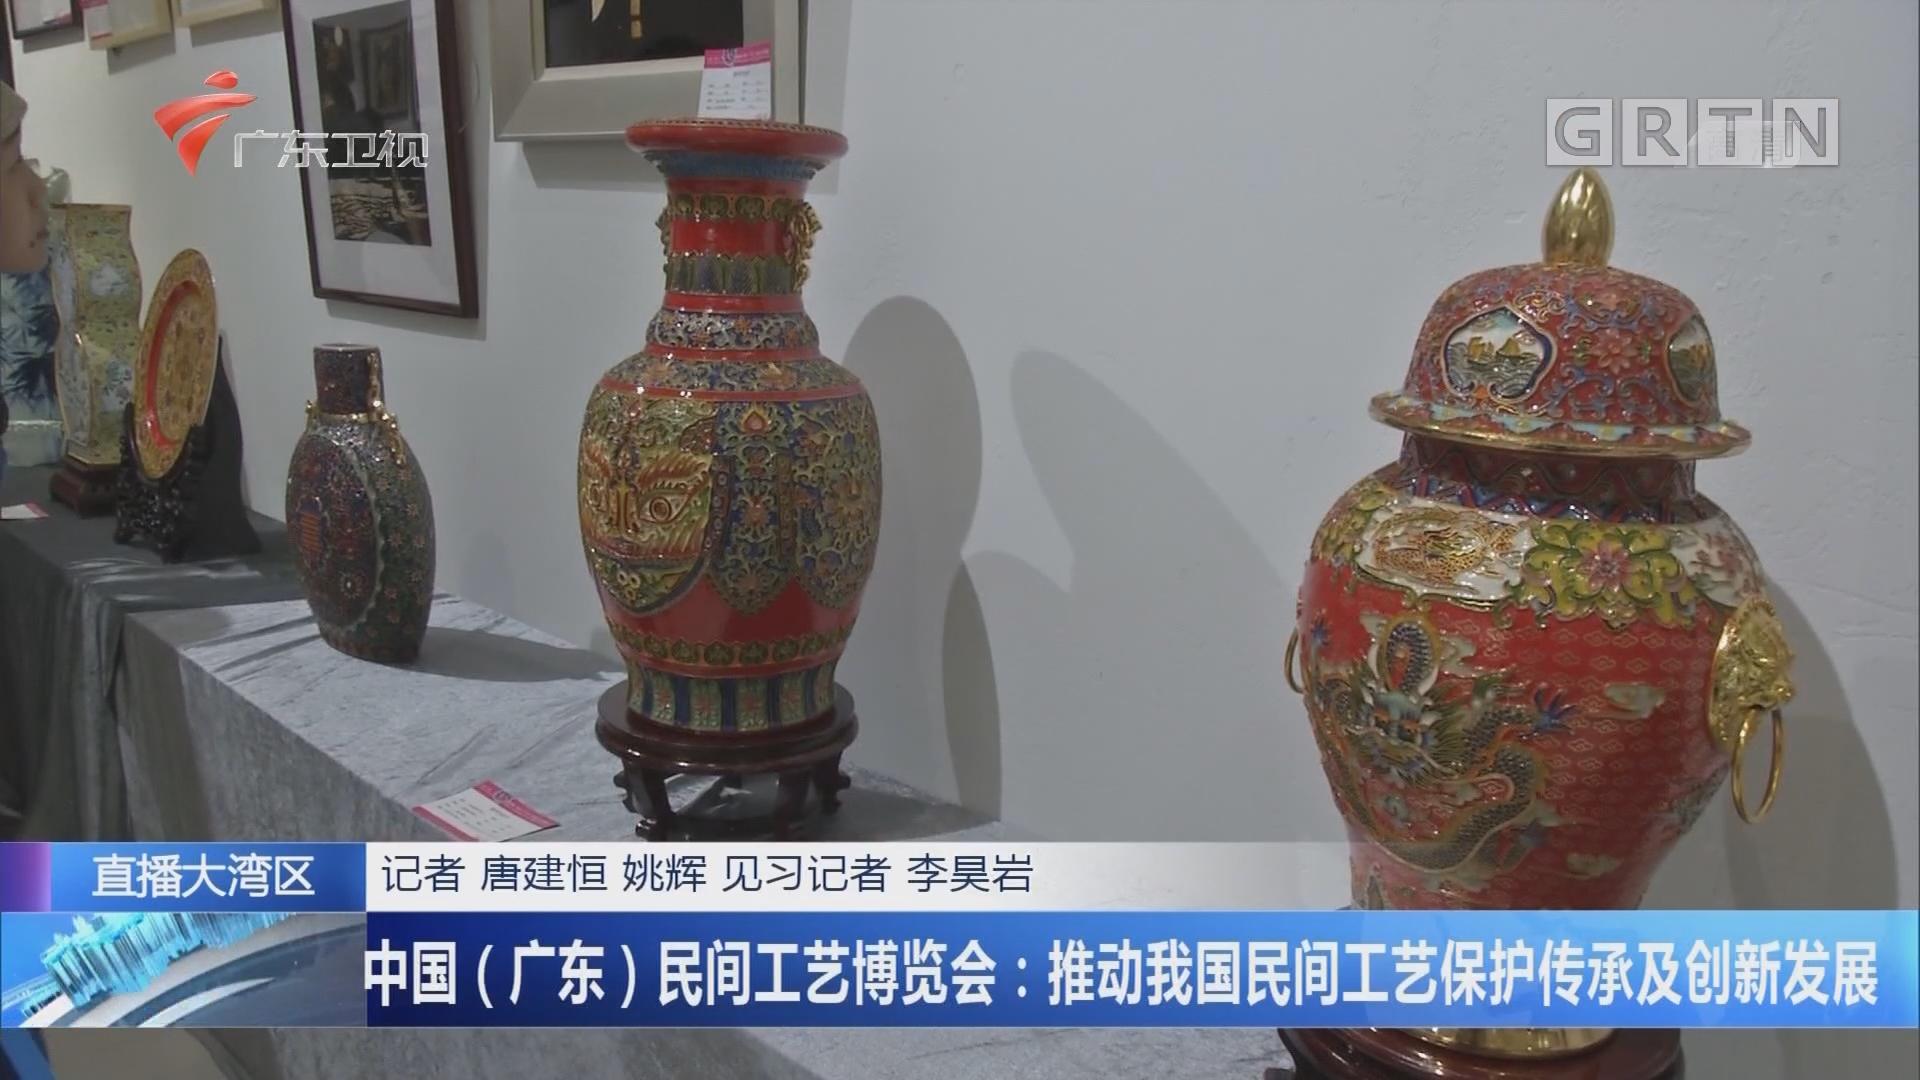 中国(广东)民间工艺博览会:推动我国民间工艺保护传承及创新发展